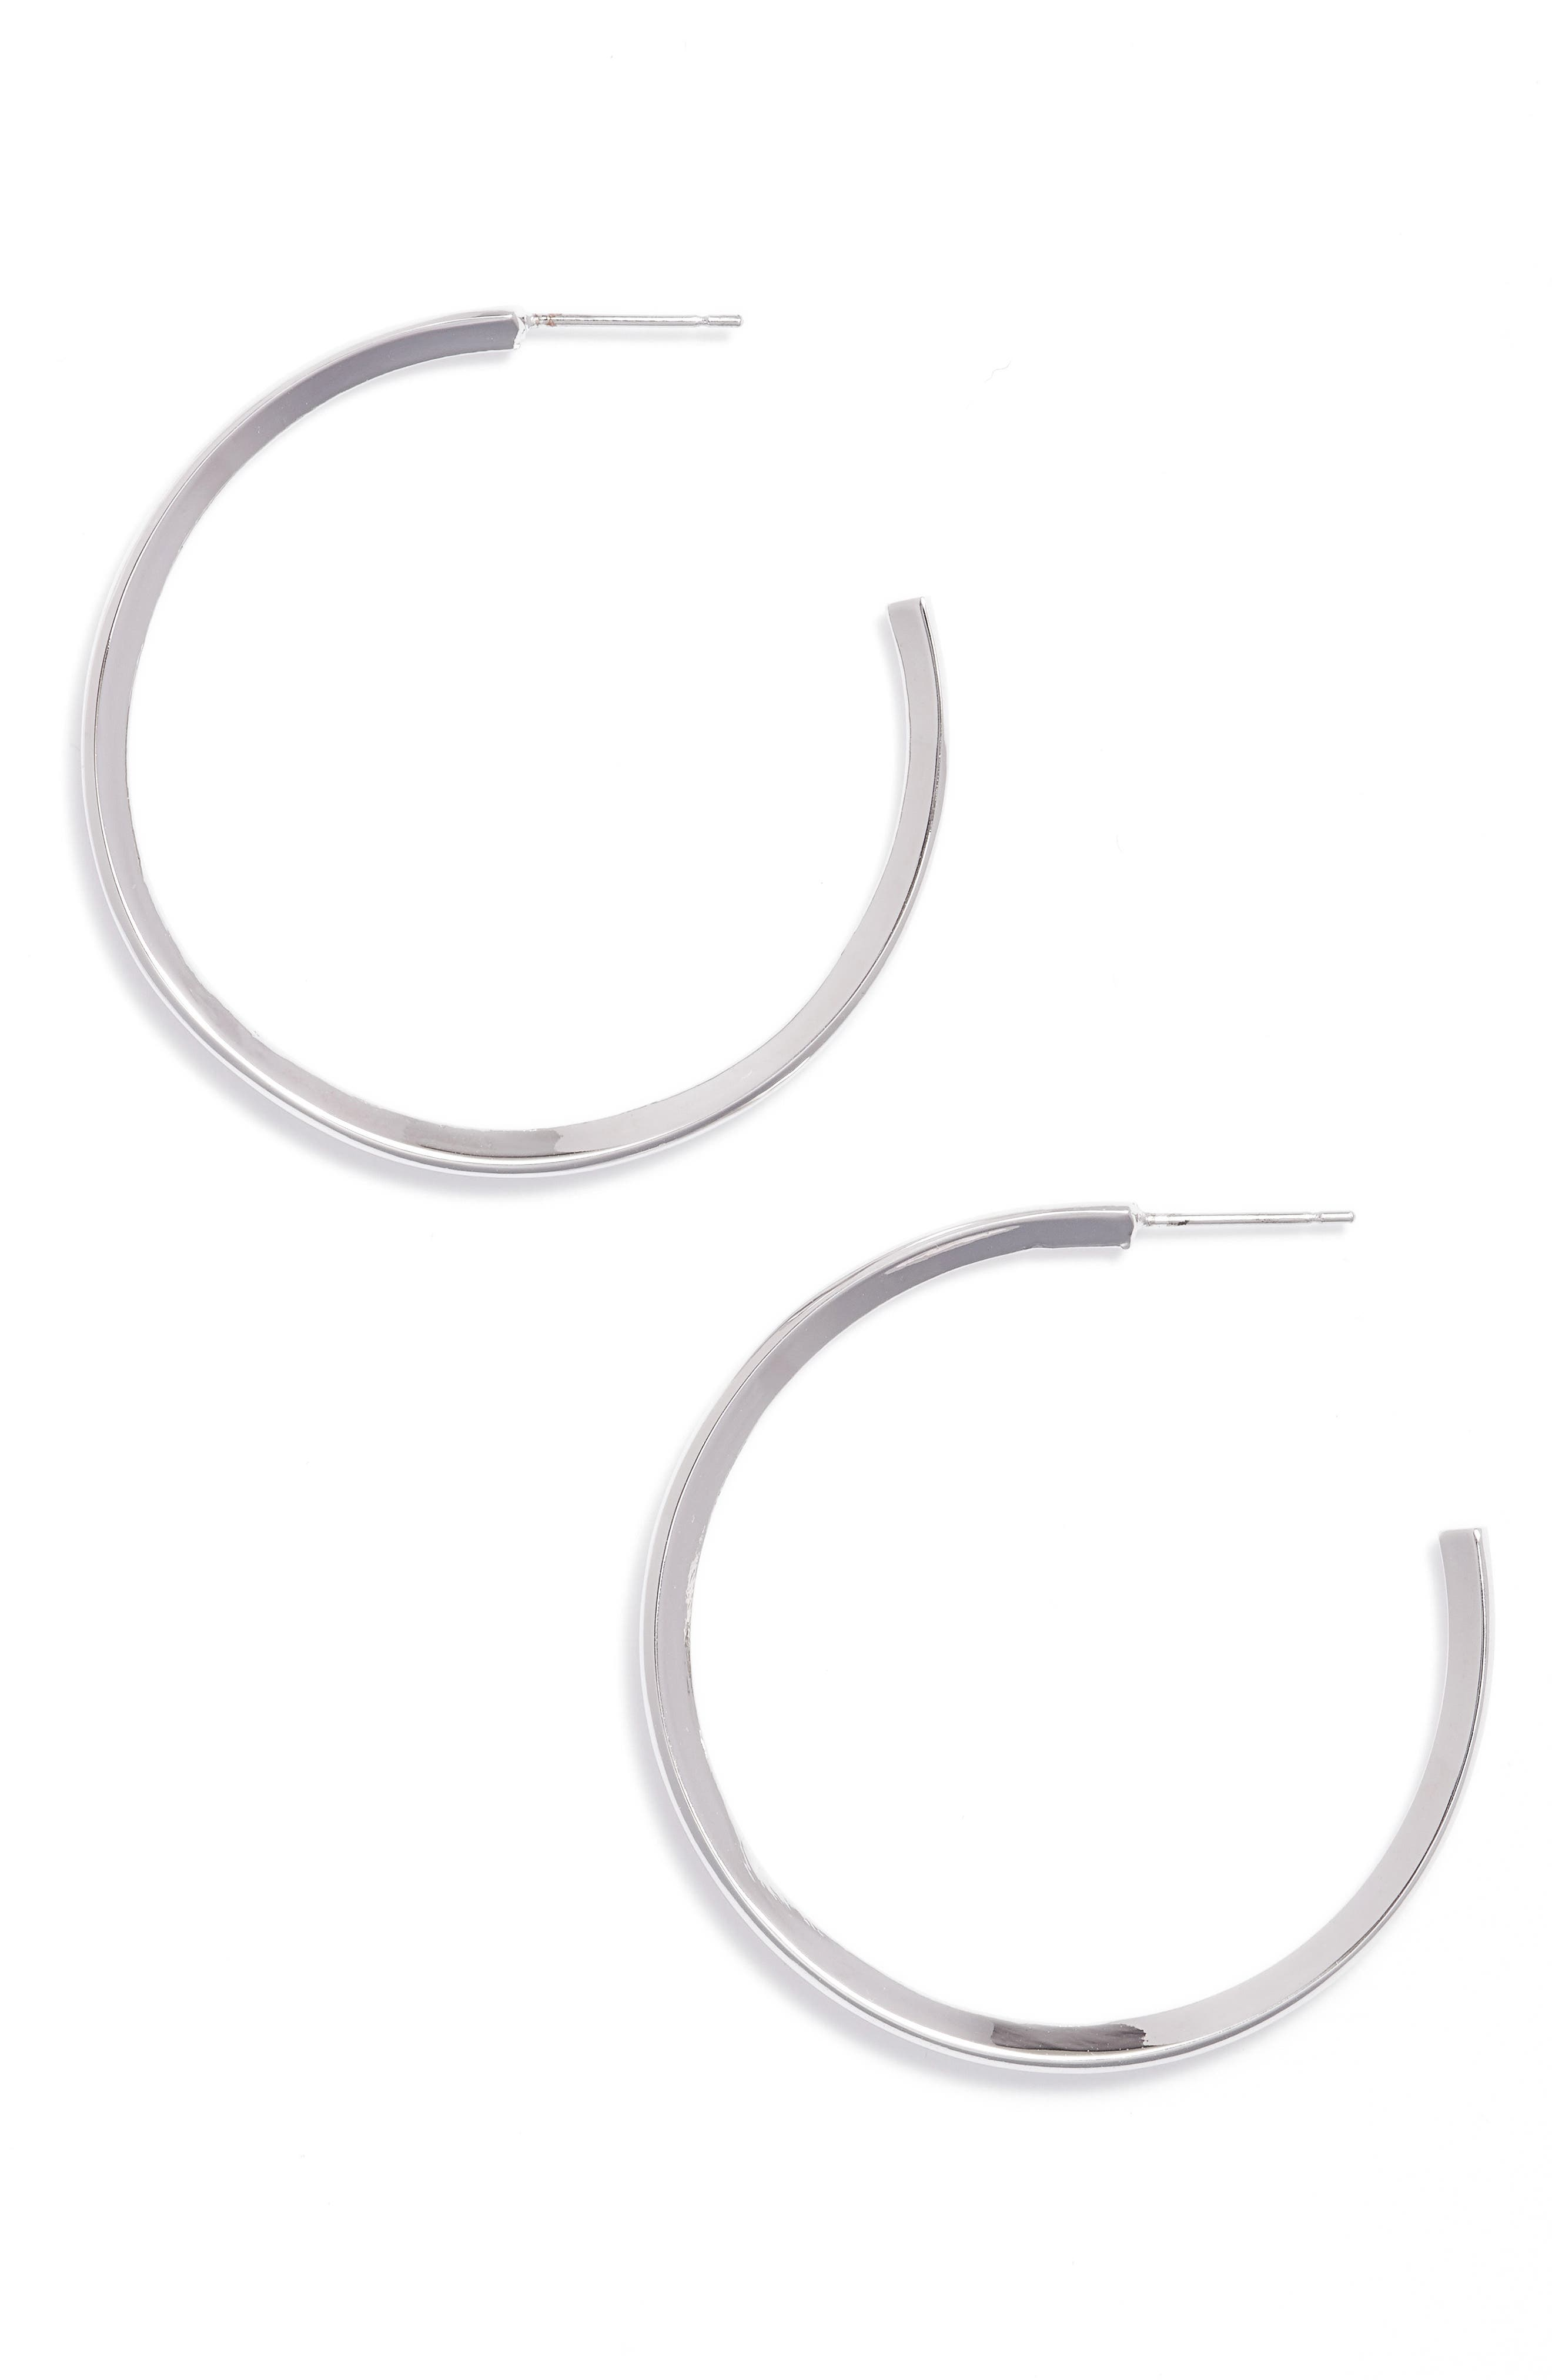 Diamond Shaped Hoop Earrings,                             Main thumbnail 1, color,                             040